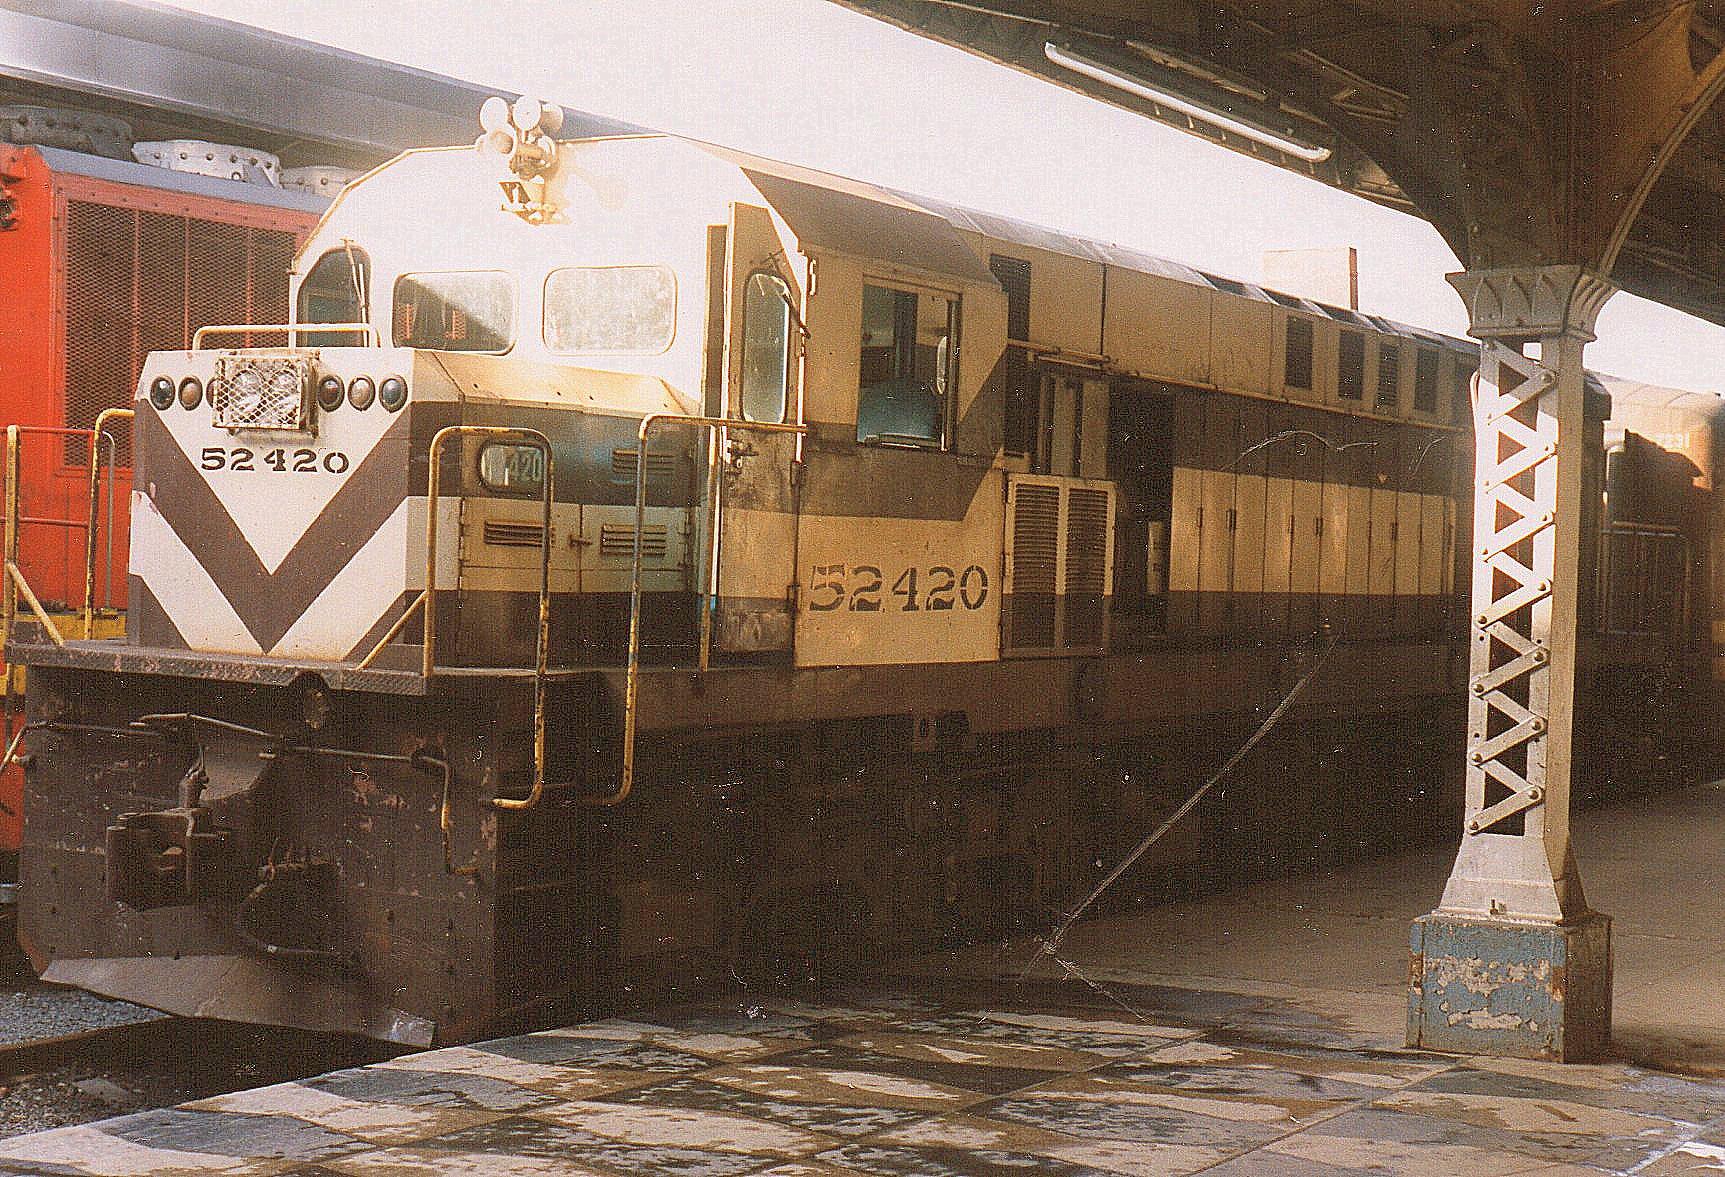 På Havanas hovedbanegård sås både FCC 52 412, 52 414 og her 52 420. De er godt nok fra GM, men bygget i Montreal og sendt til Cuba fraCanada, der var mere liberale over for Castro. De er bygget 1975, vejer 112 t og har 2600 hk.